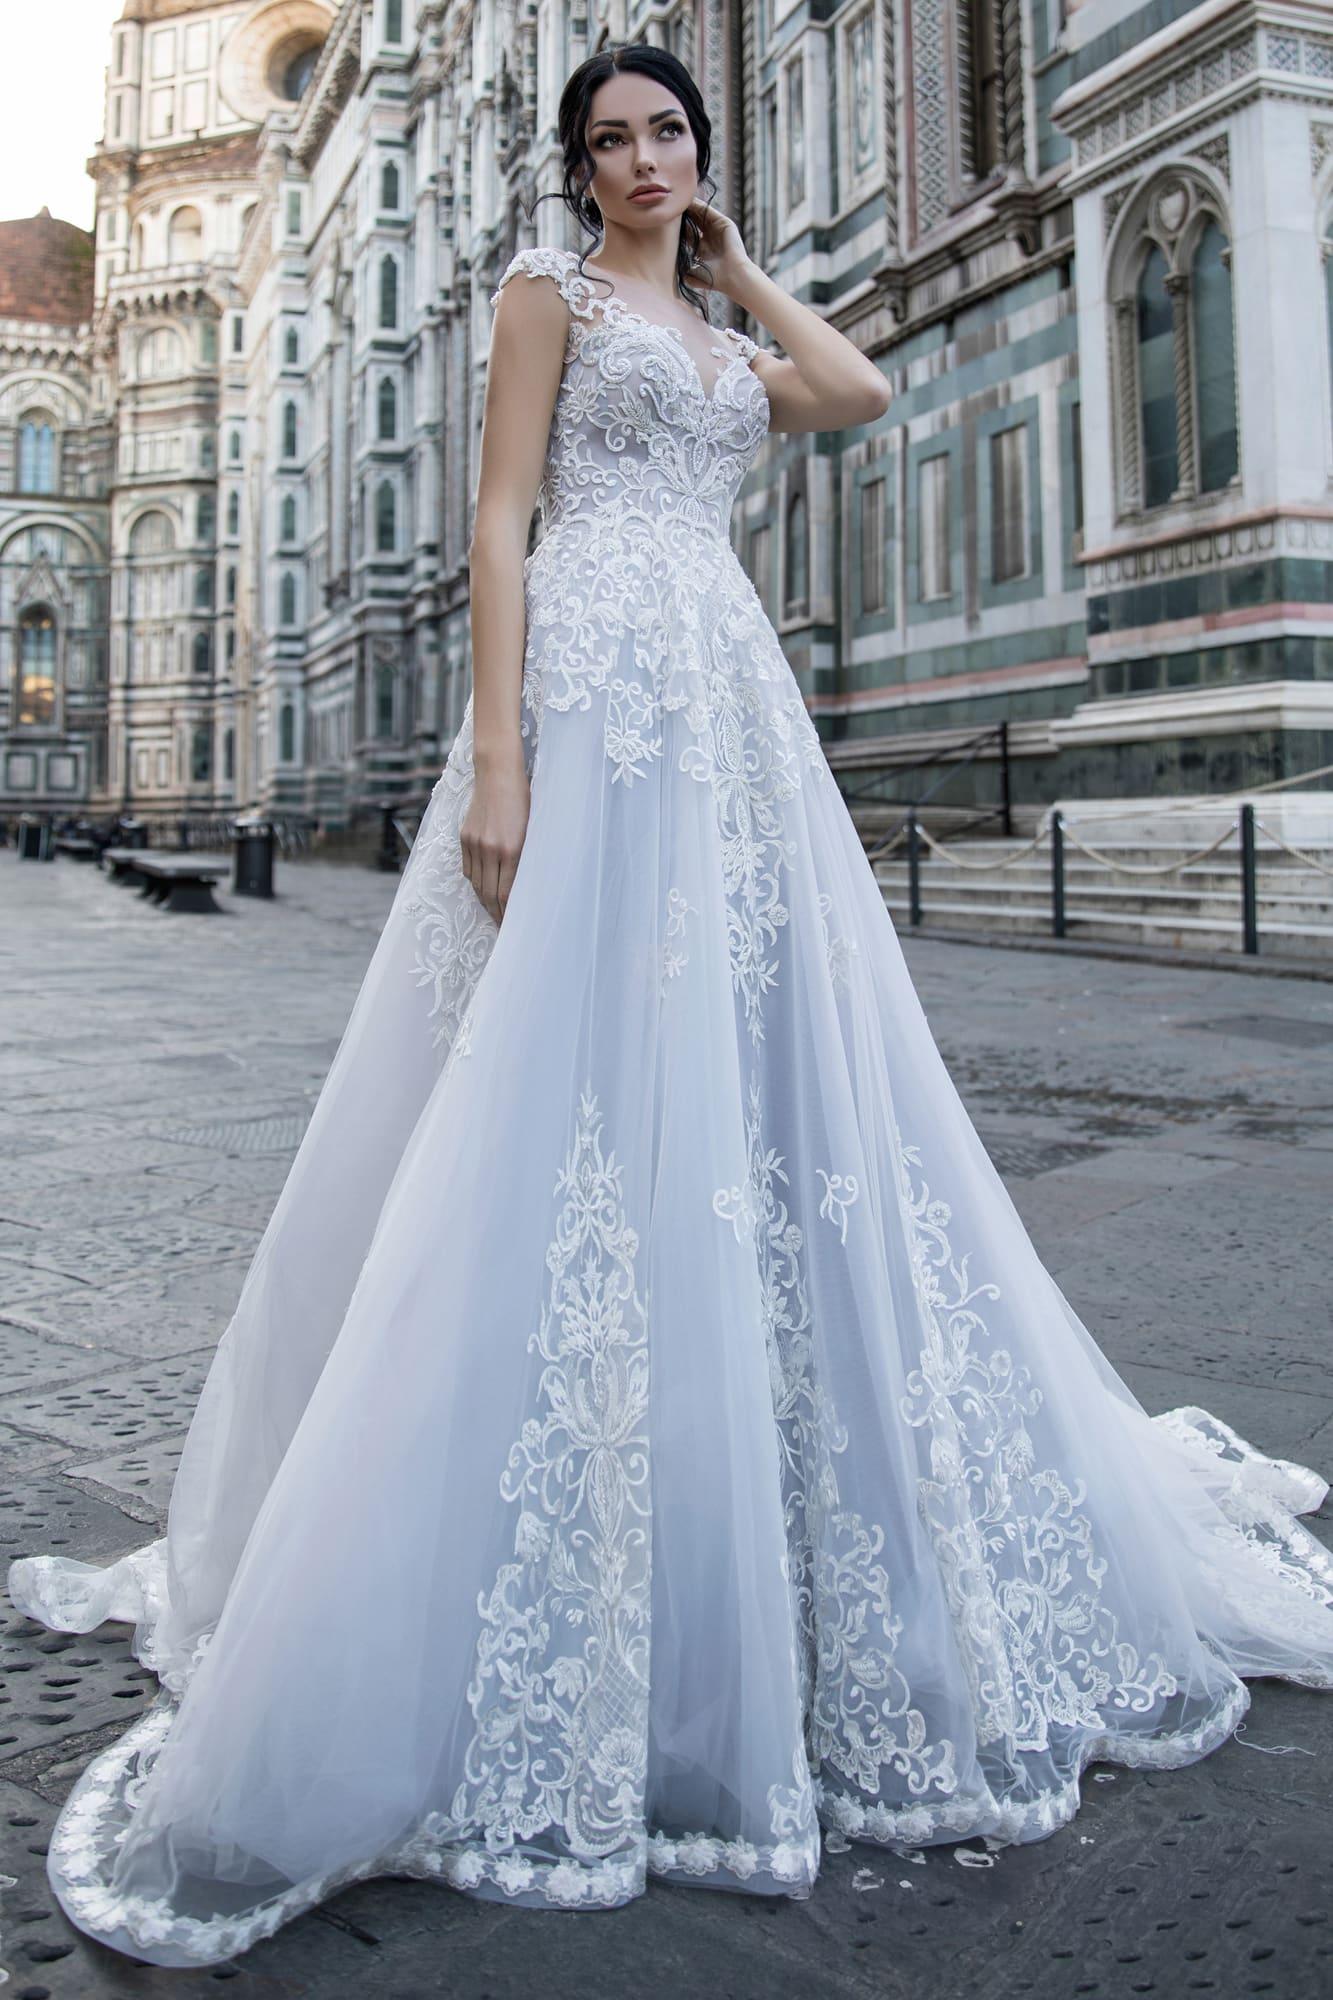 случае модные платья невесты города курска фото кровати выдвижными ящиками